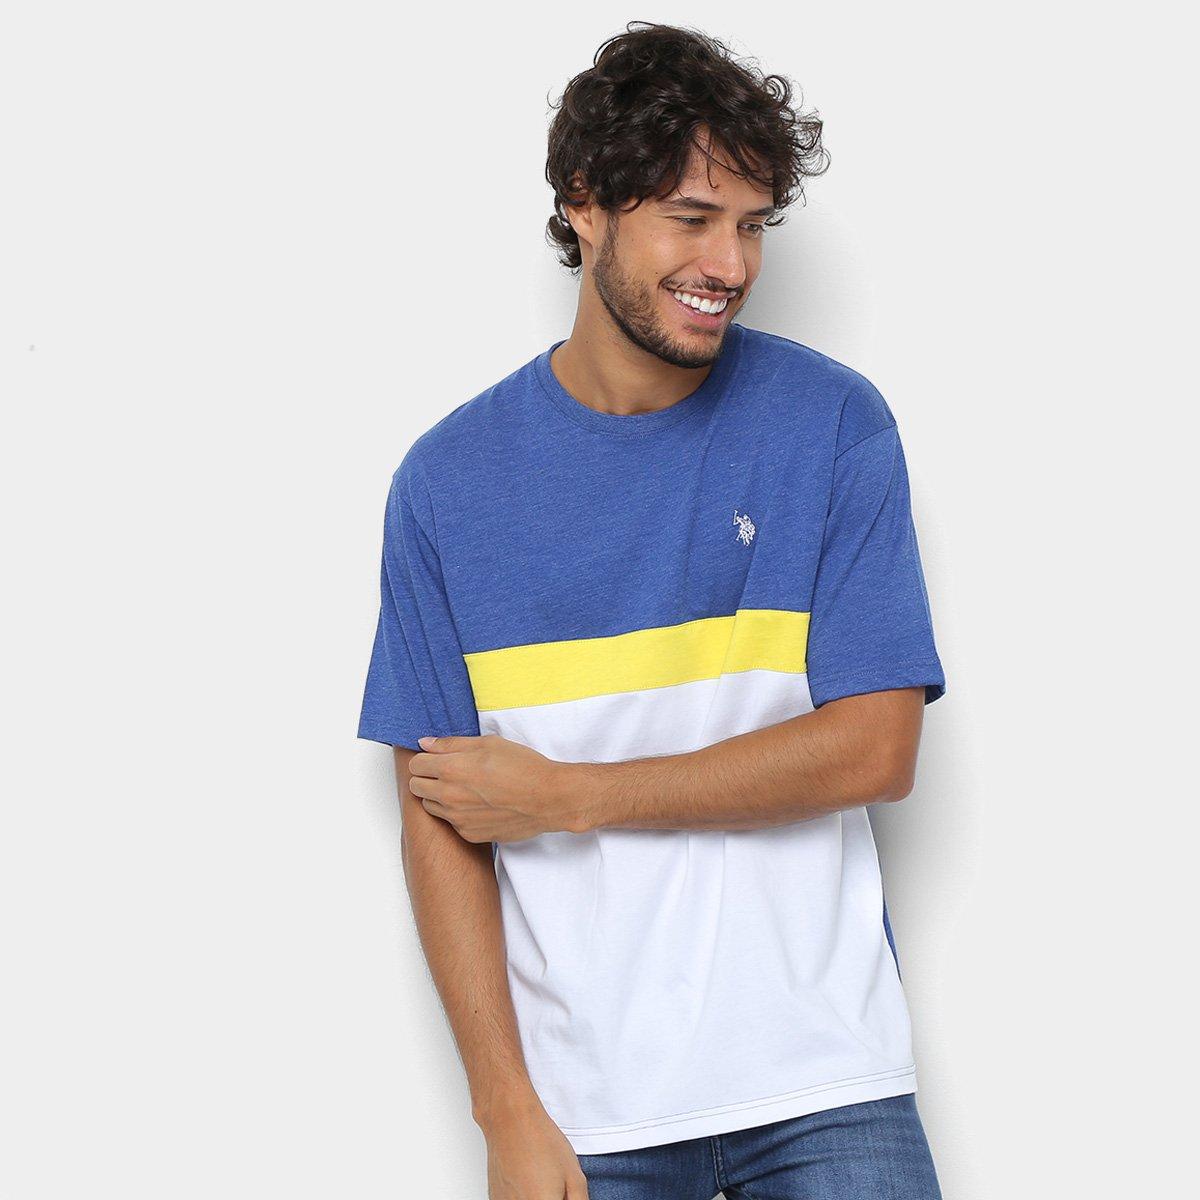 d6d7c34bb0 Camiseta U.S. Polo Assn Estampada Masculina